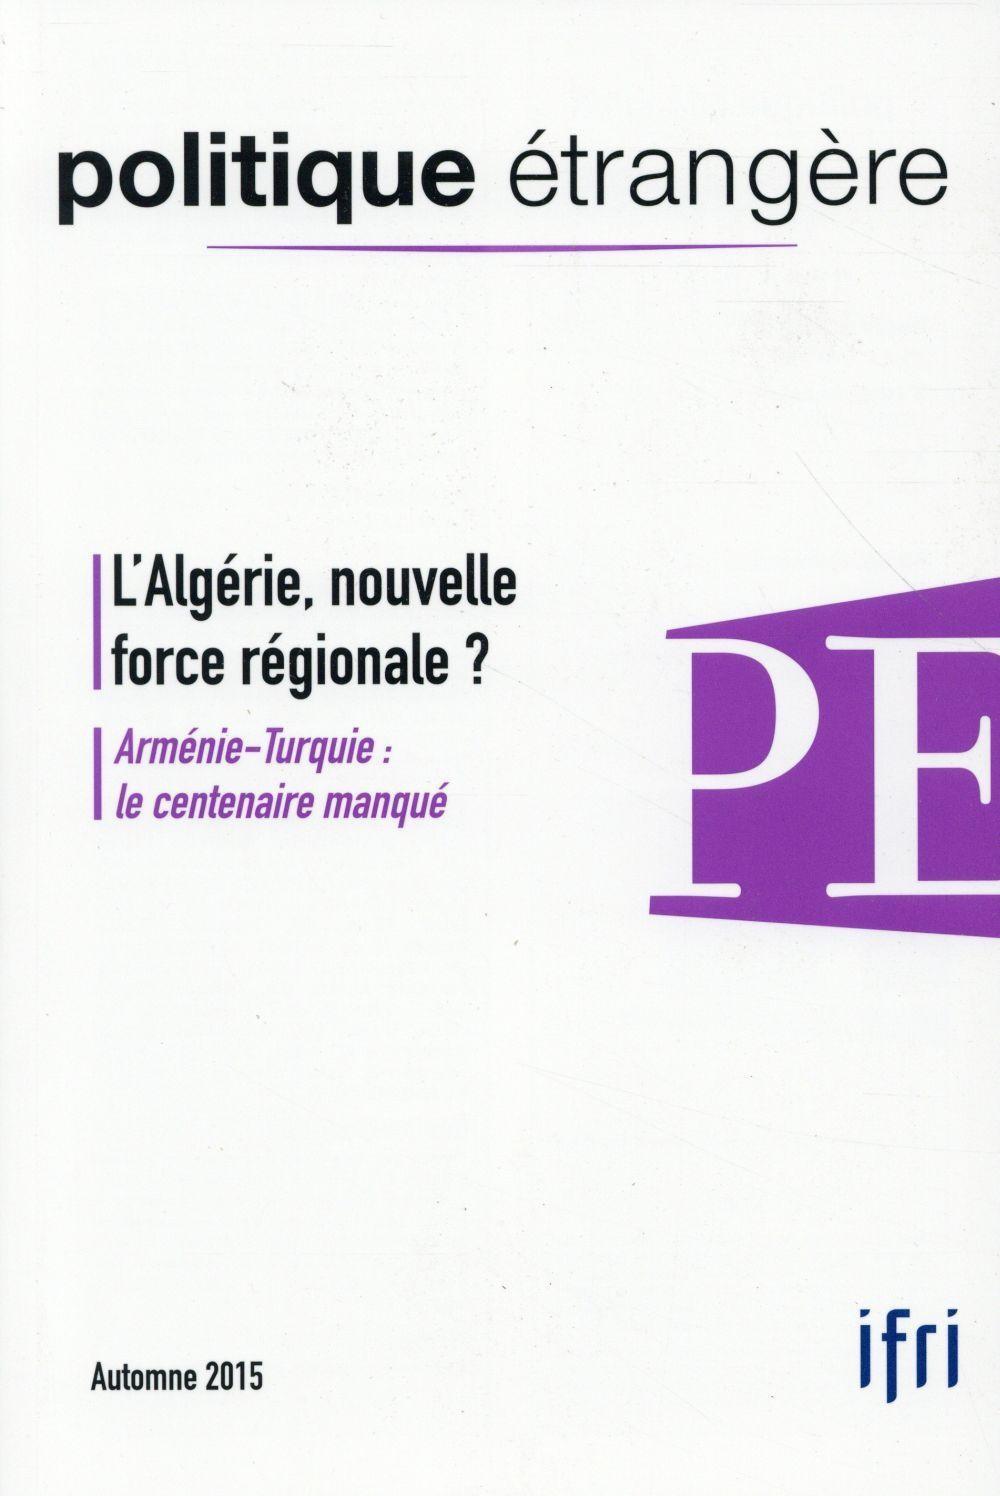 L'Algérie, nouvelle force régionale ?